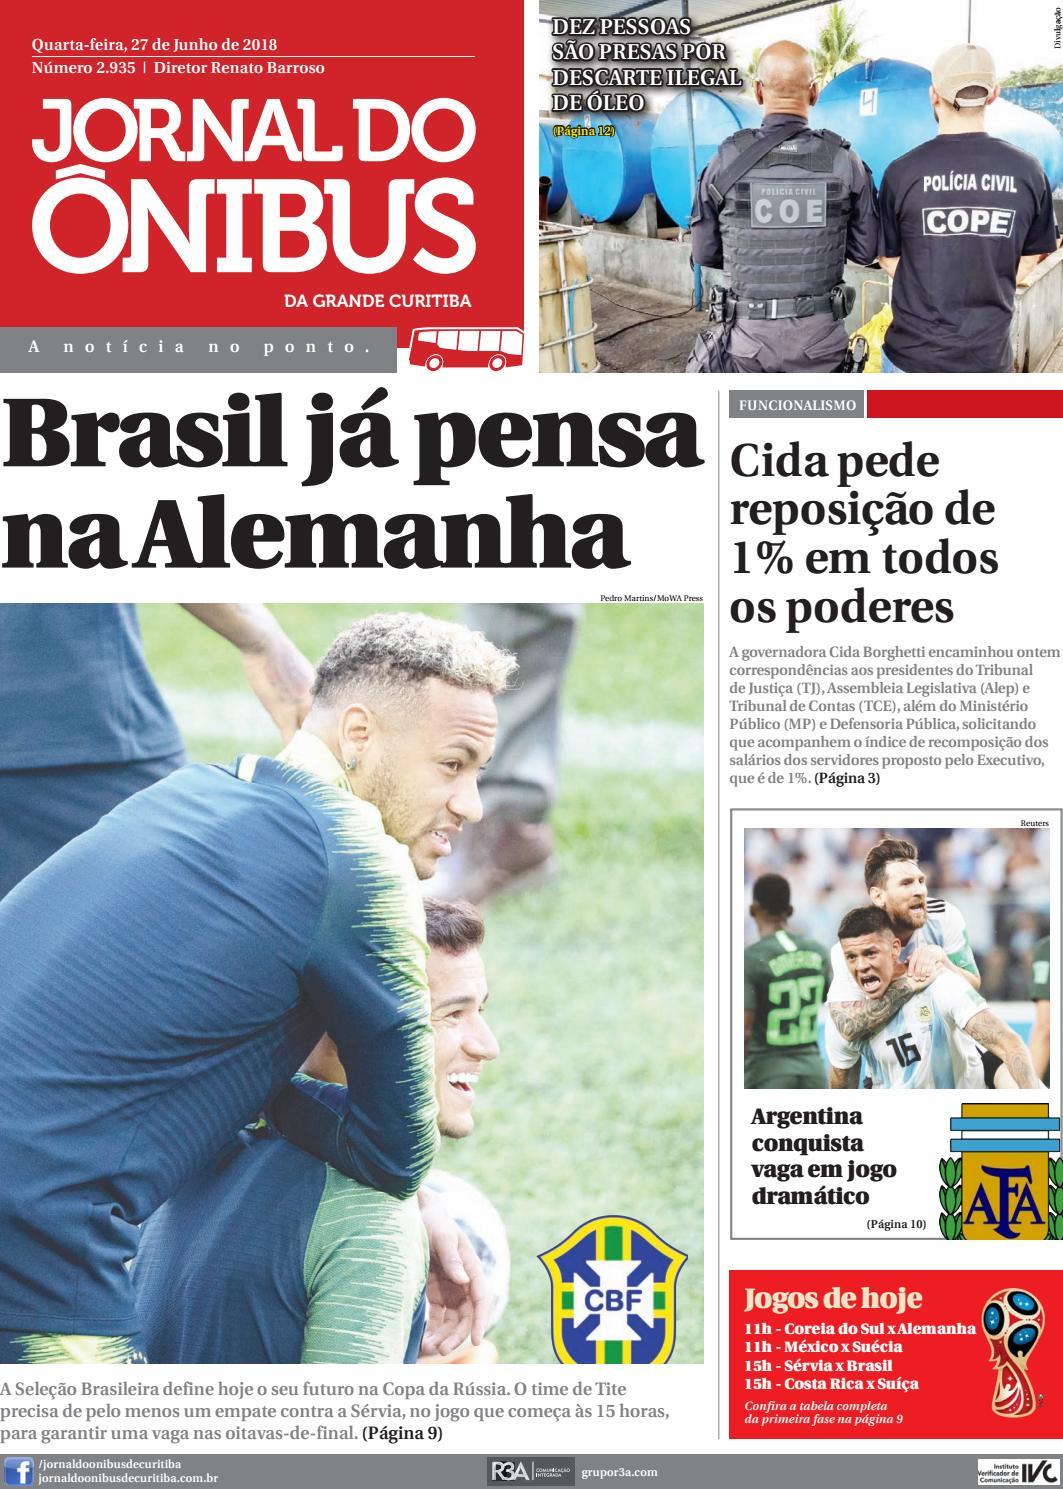 Jornal do Ônibus de Curitiba - 27 06 18 by Editora Correio Paranaense -  issuu 8c8c74b61ac45